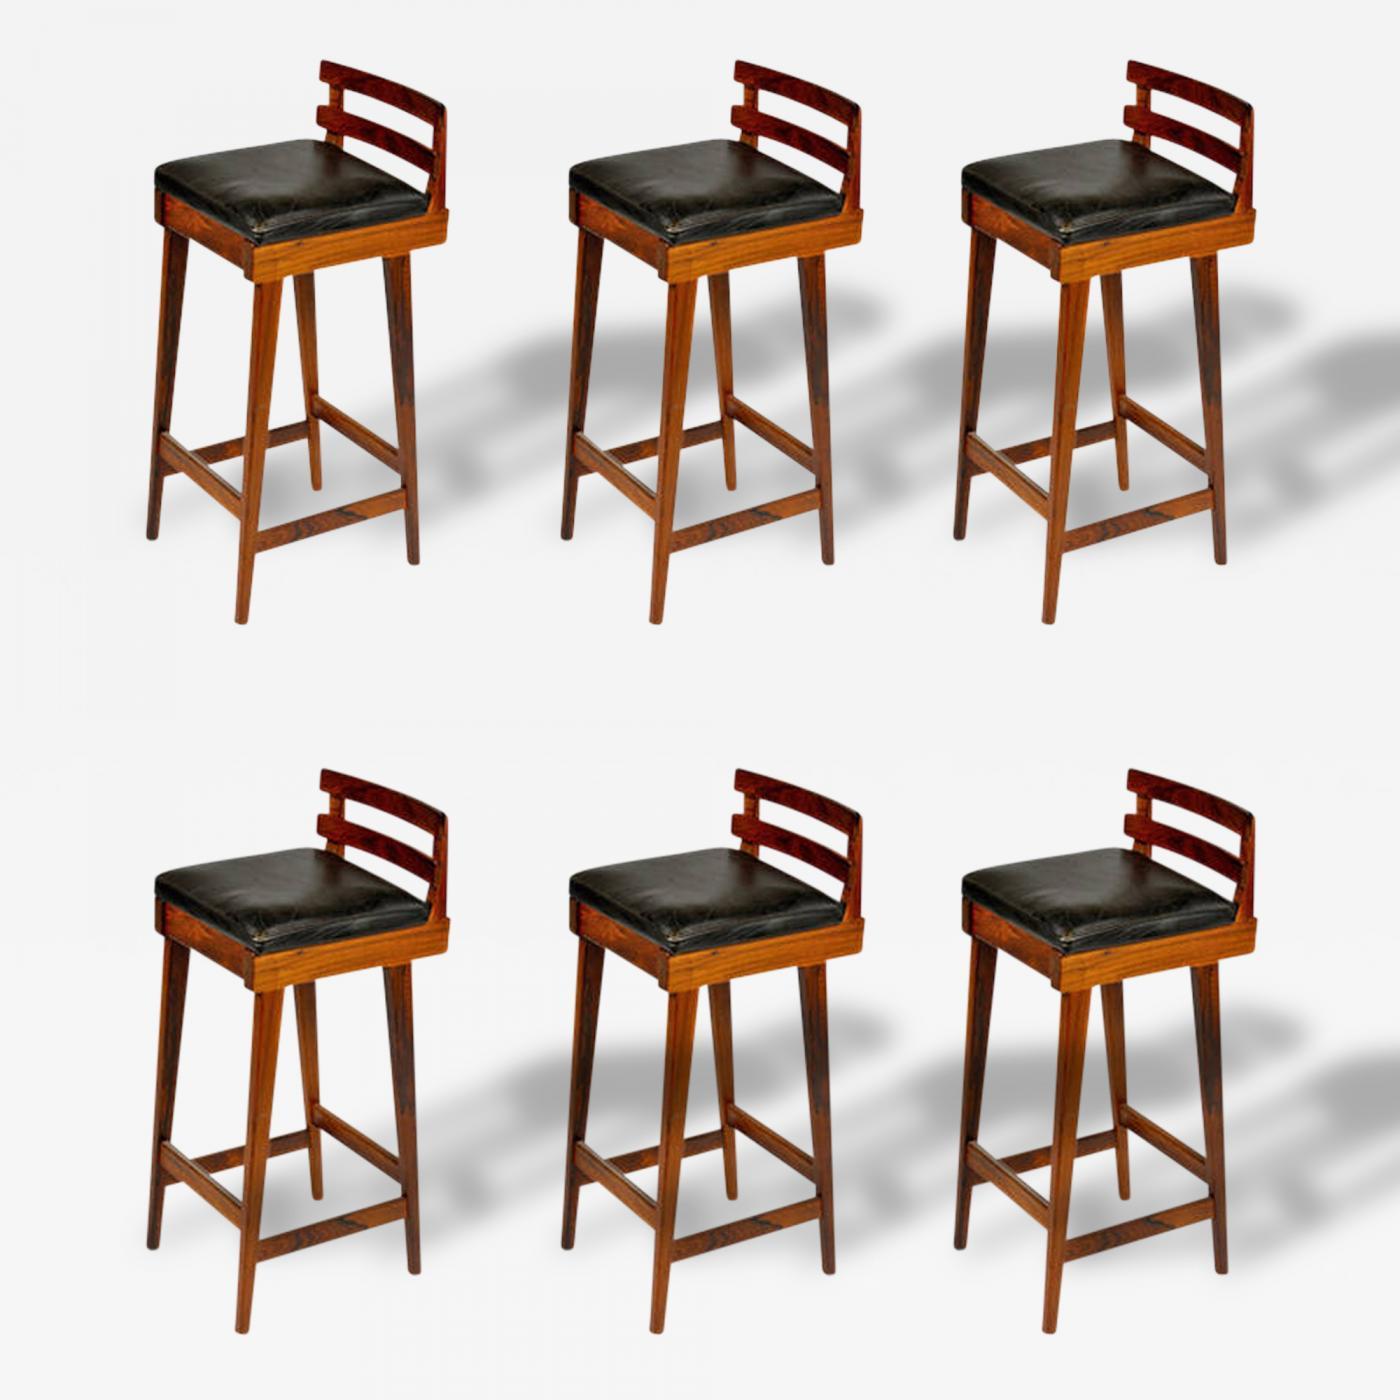 Milo Baughman Bar Stool Set Stool Images Milo Baughman